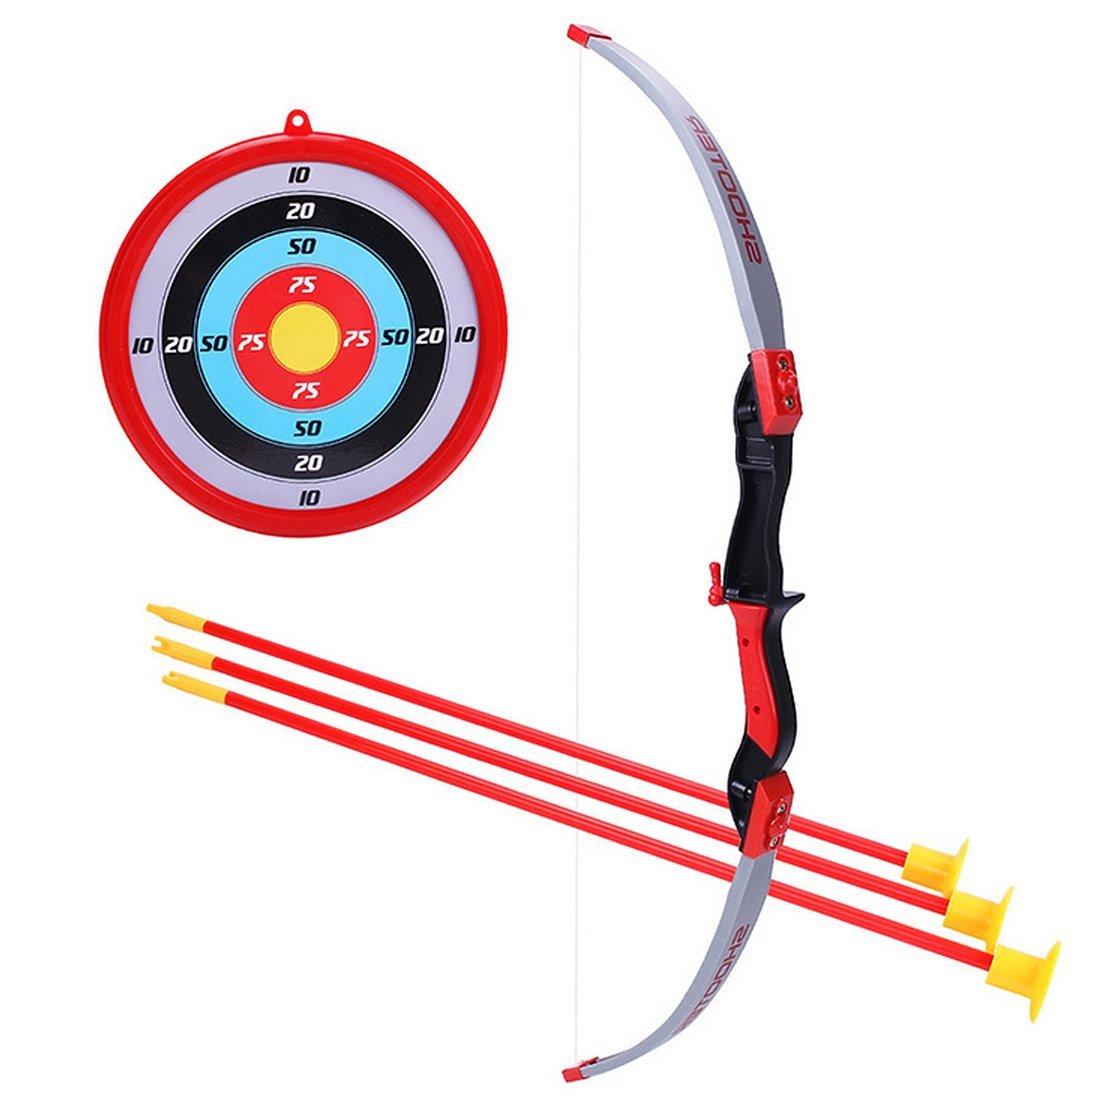 6321d8fe158 Get Quotations · Kids Archery Set